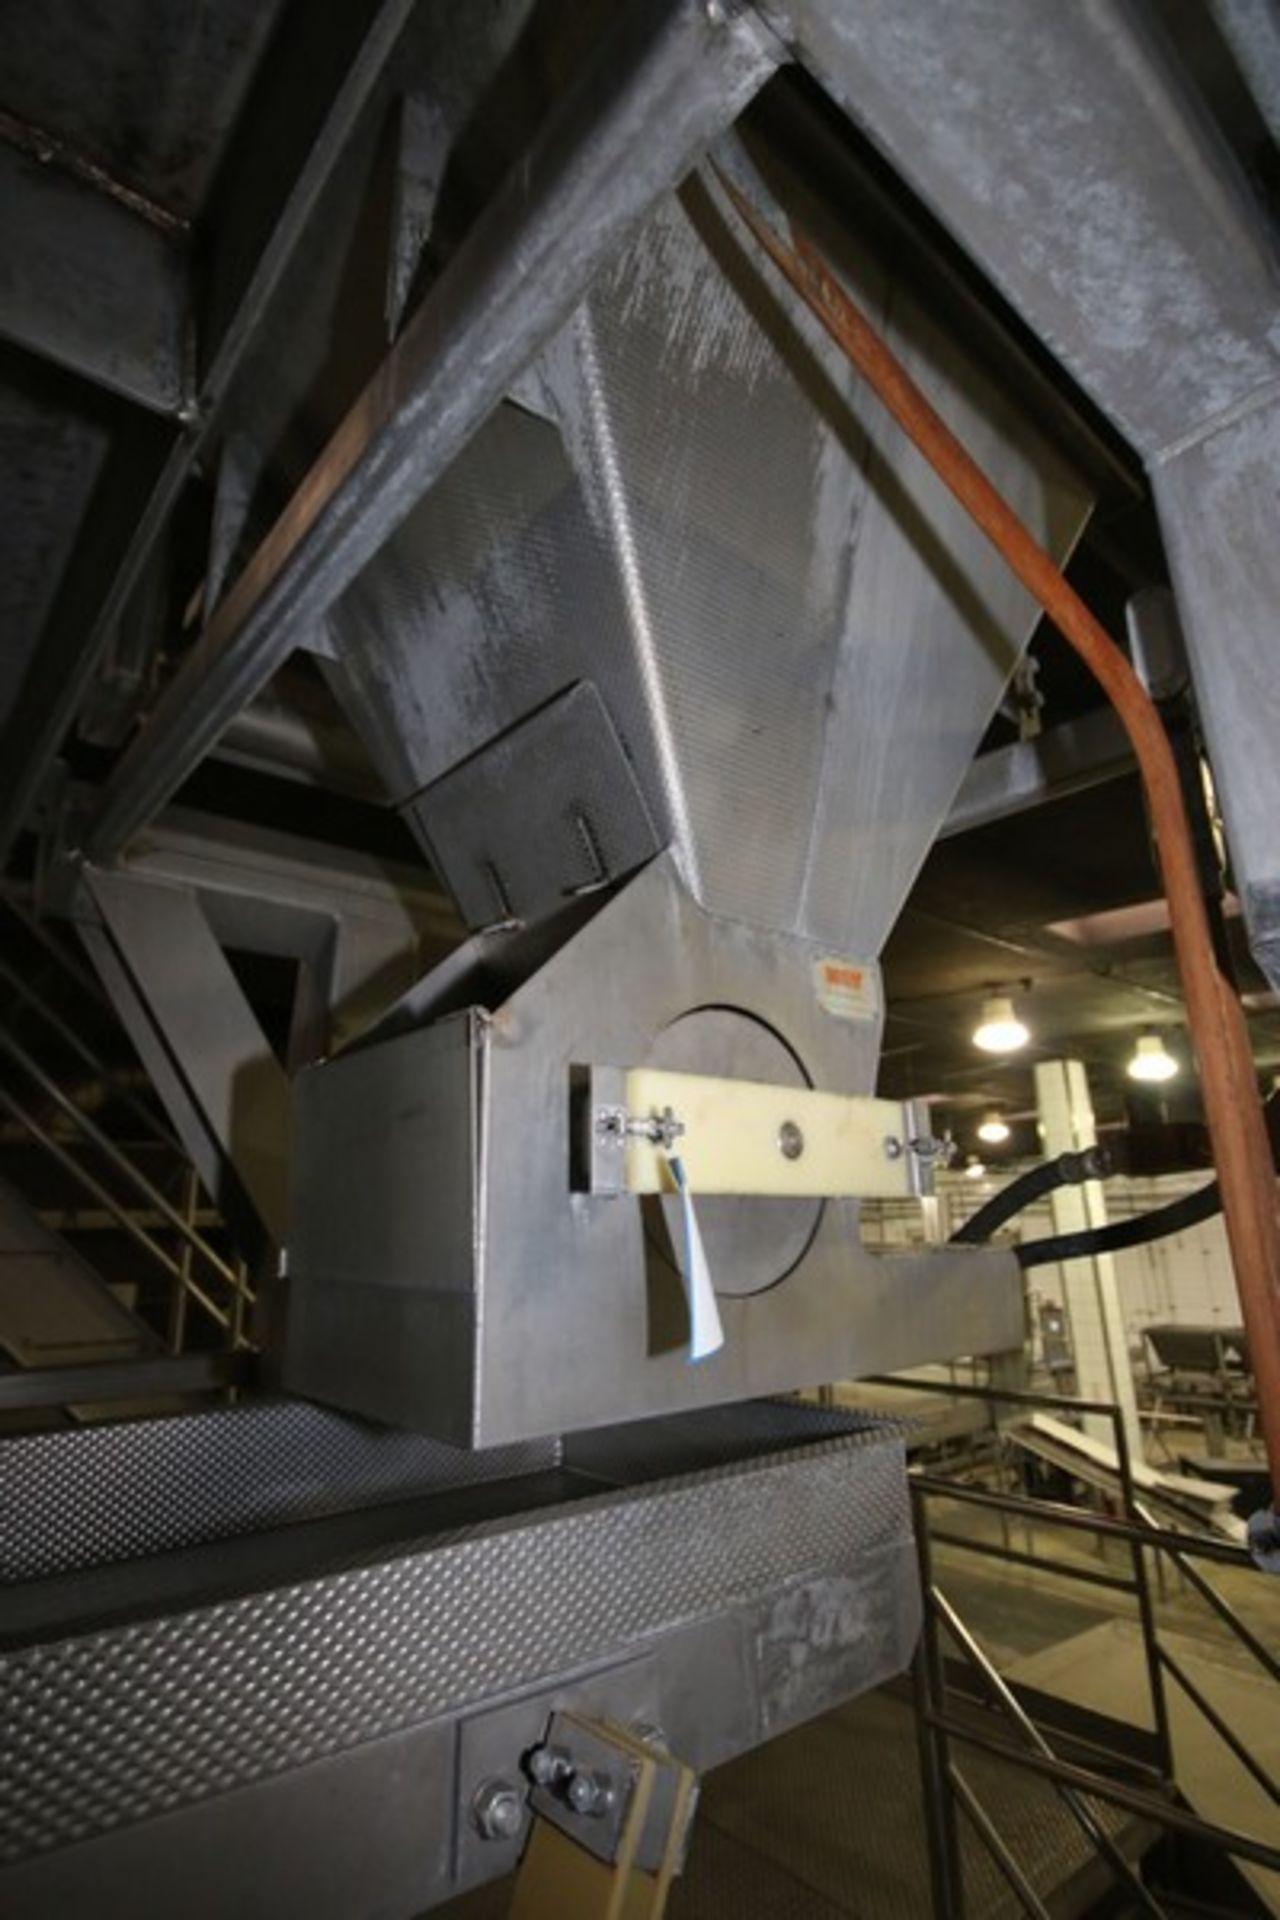 Lot 8 - Key S/S Spreader Shaker Feed System, Includes Key S/S Spreader Shaker Deck, M/N 428032-1, Deck